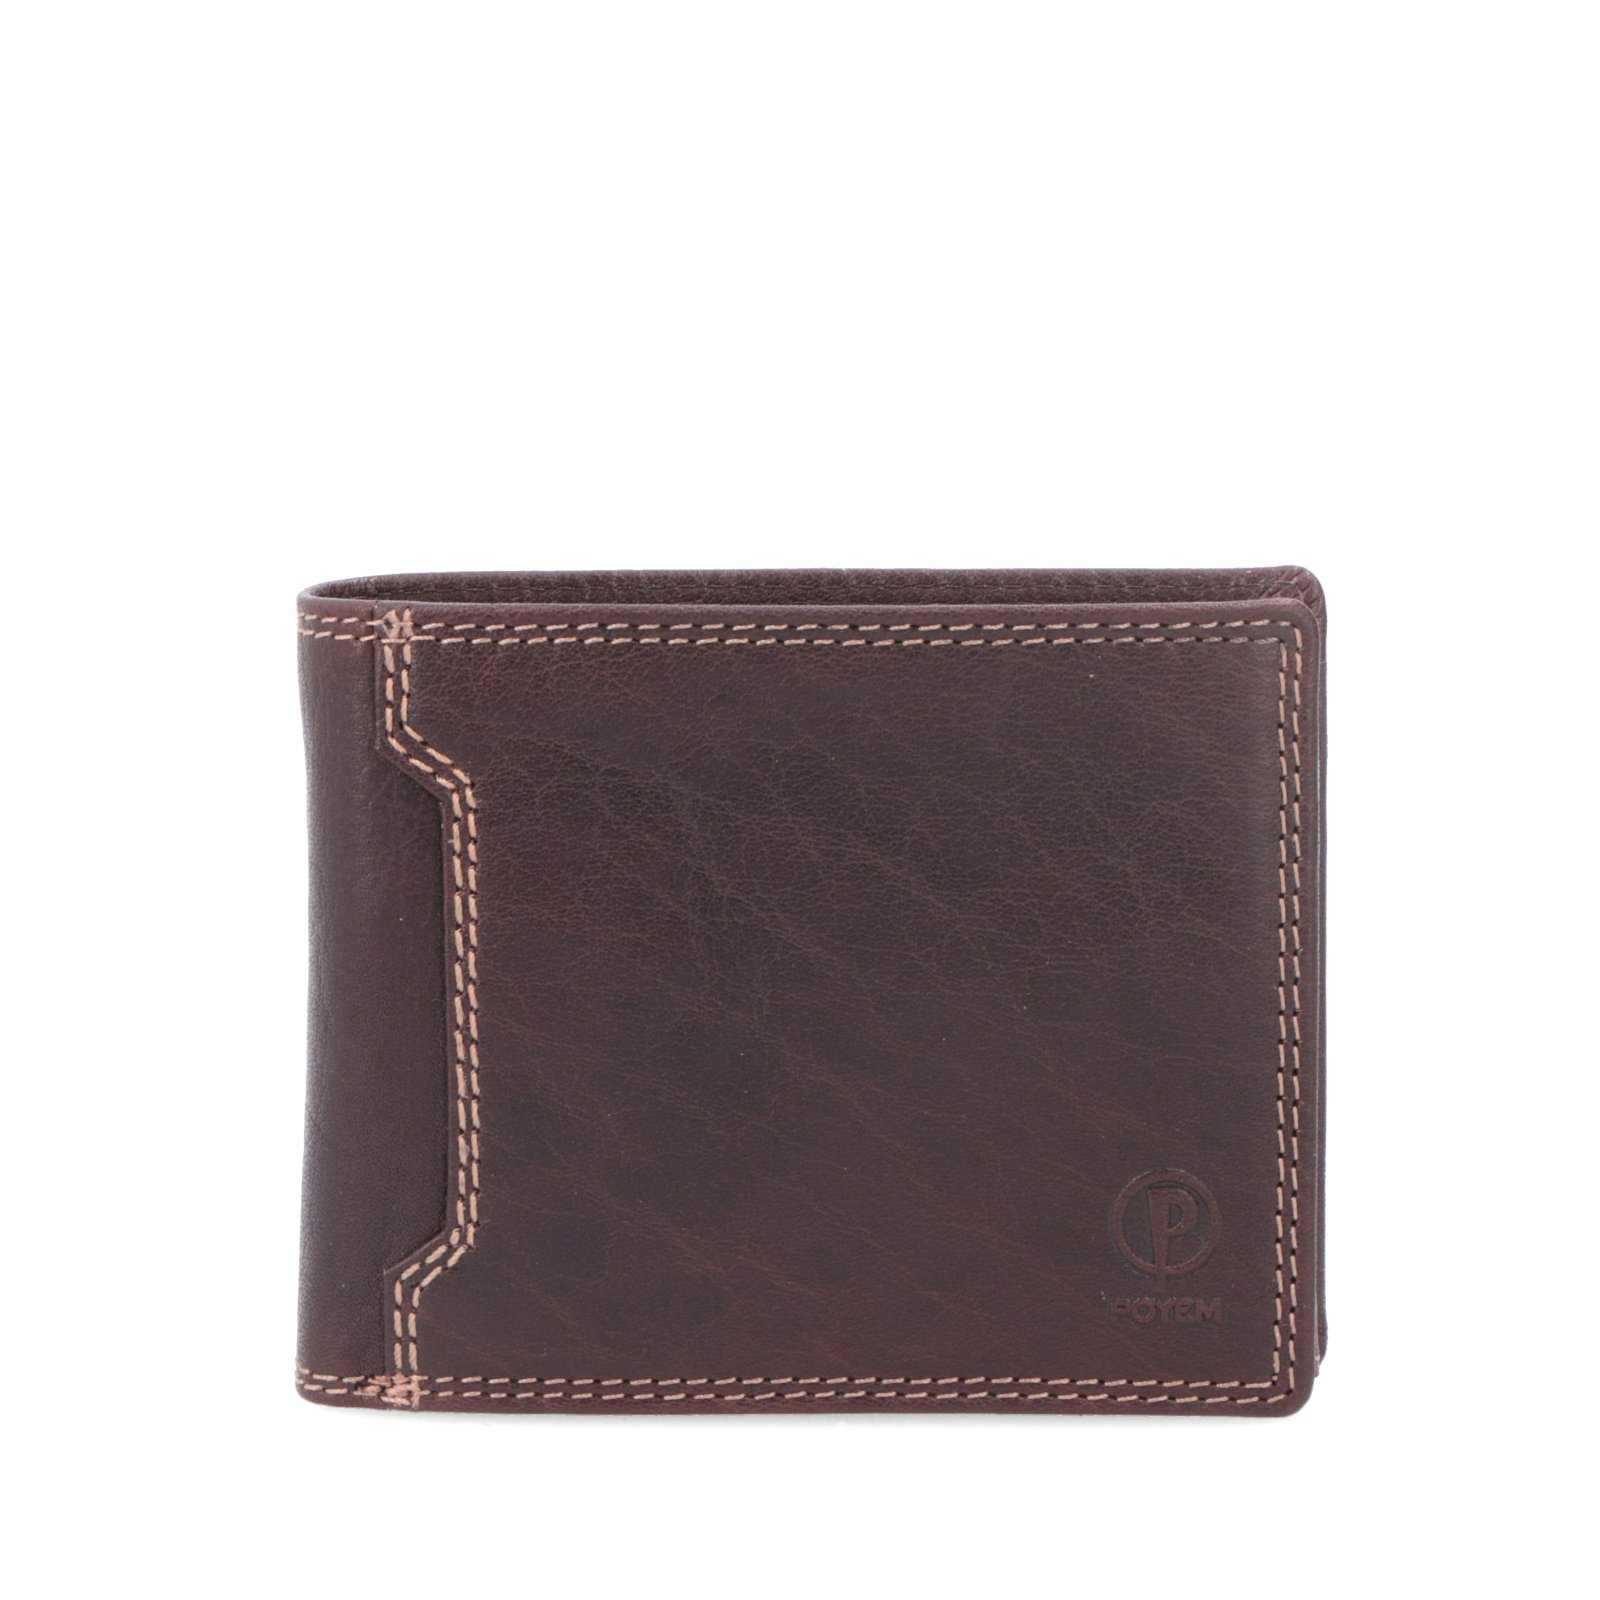 Kožená peněženka Poyem – 5206 AND H